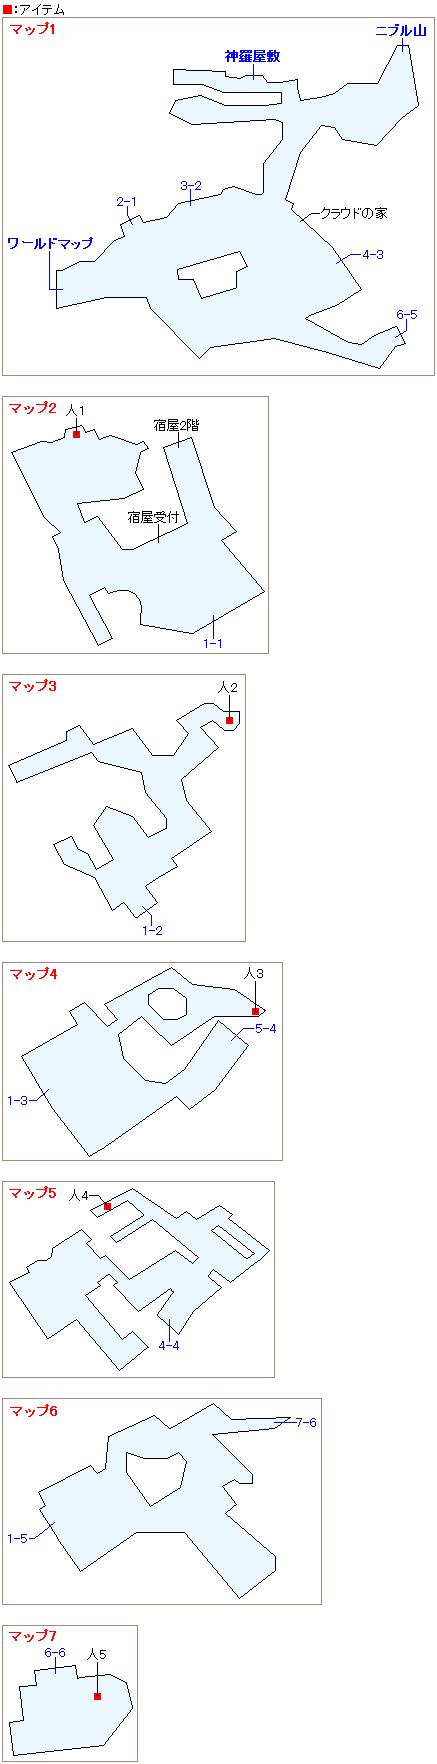 ニブルヘイムのマップ